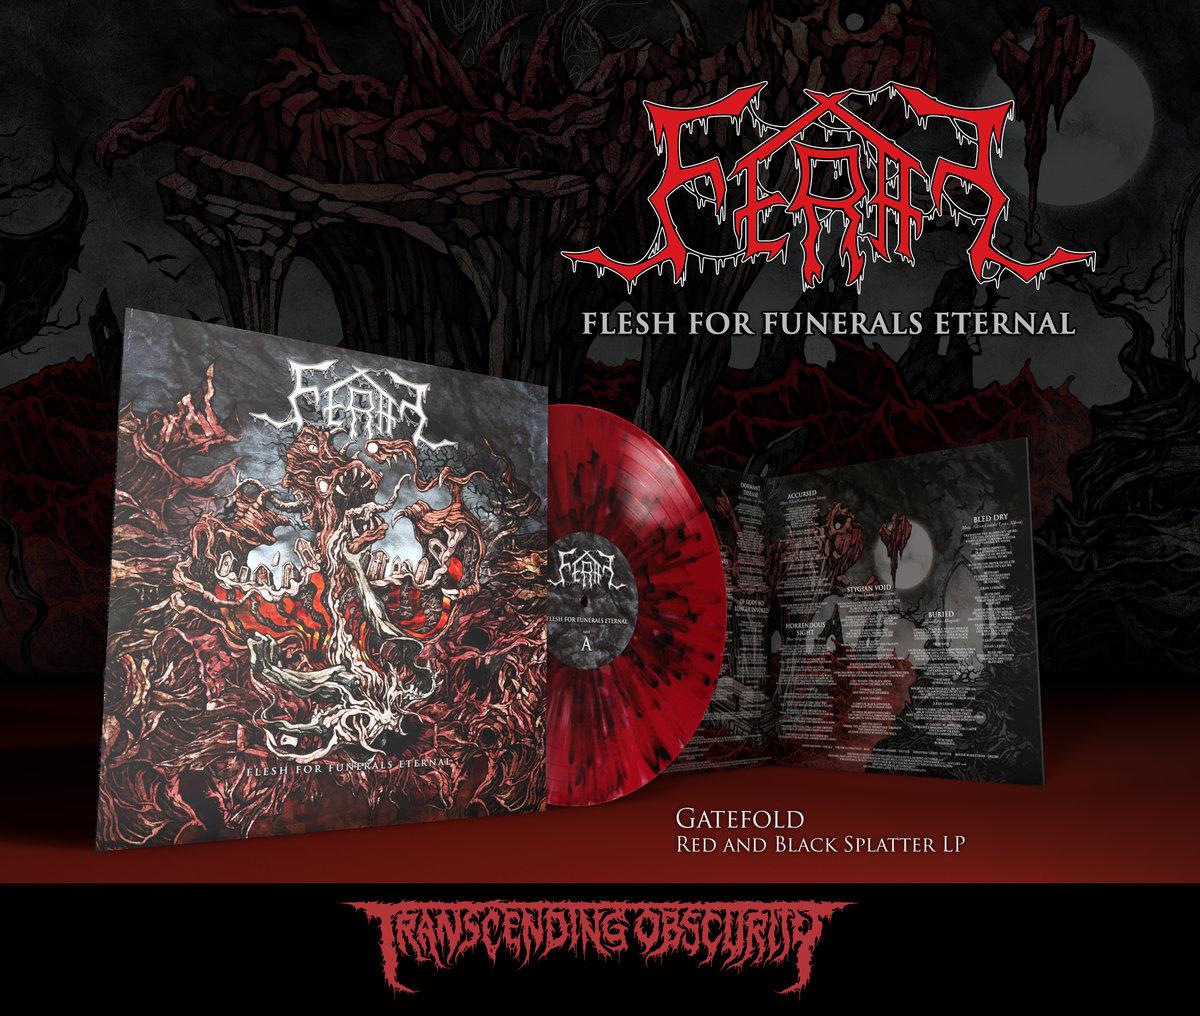 FERAL (Sweden) - 'Flesh For Funerals Eternal' Gatefold Red and Black Splatter LP (Limited to 150)